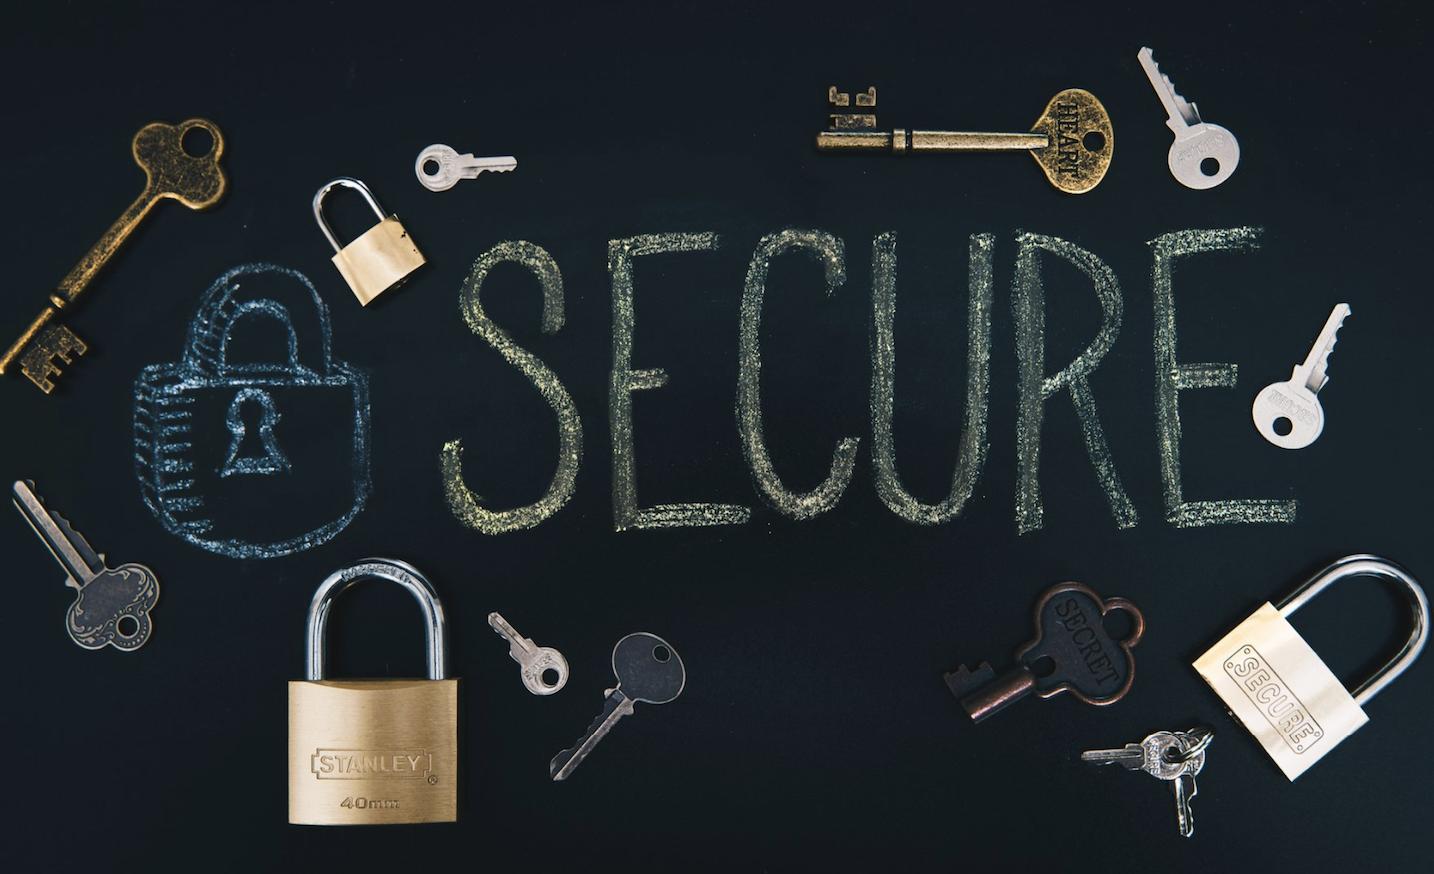 Metodi di pagamento online: quali sono i più sicuri?